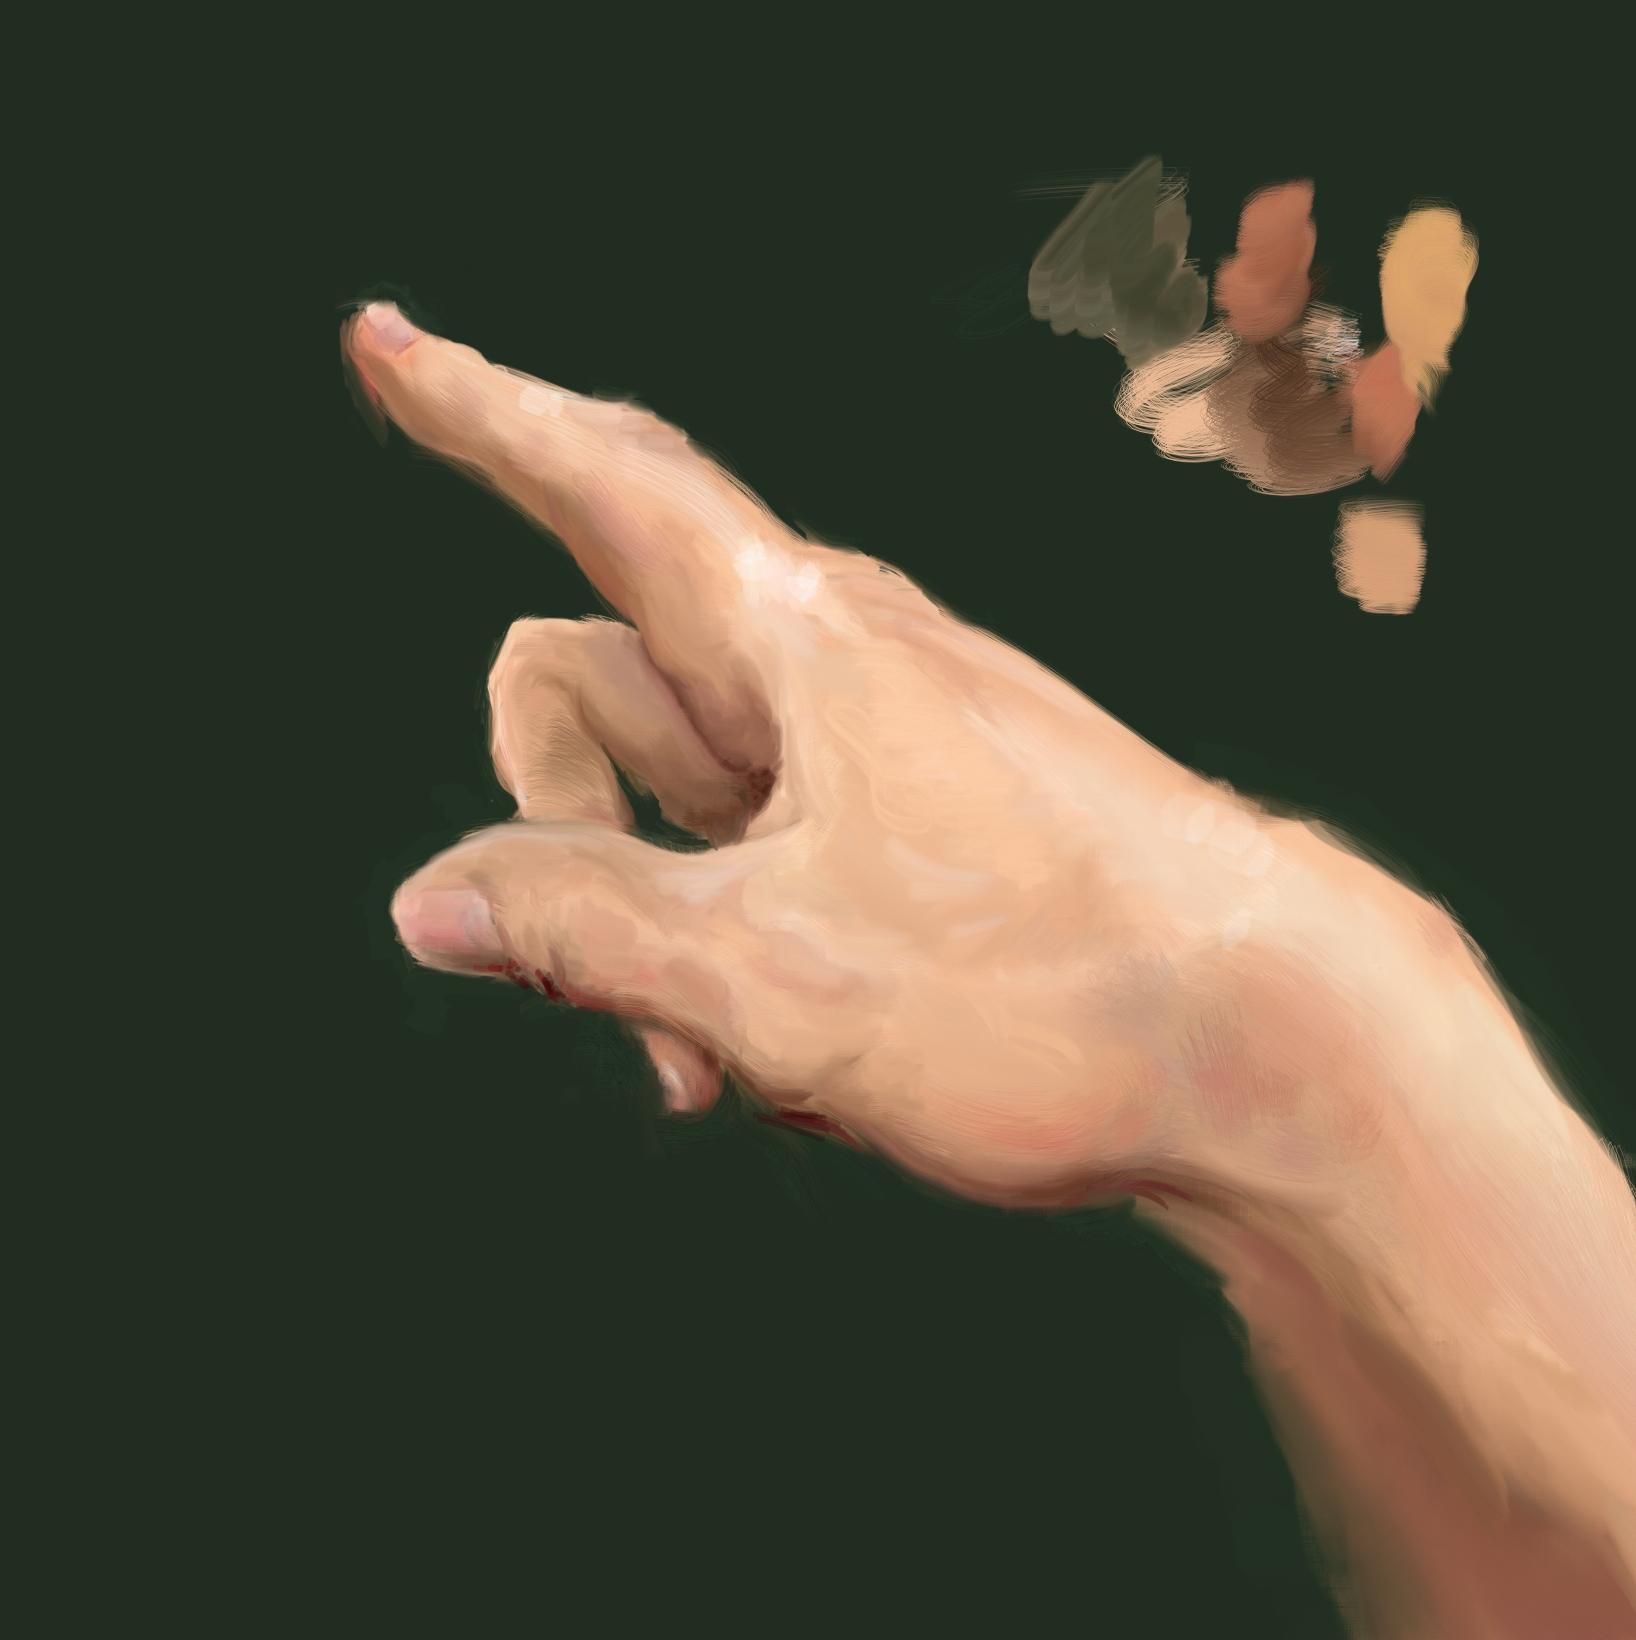 Ilustración de mano realista